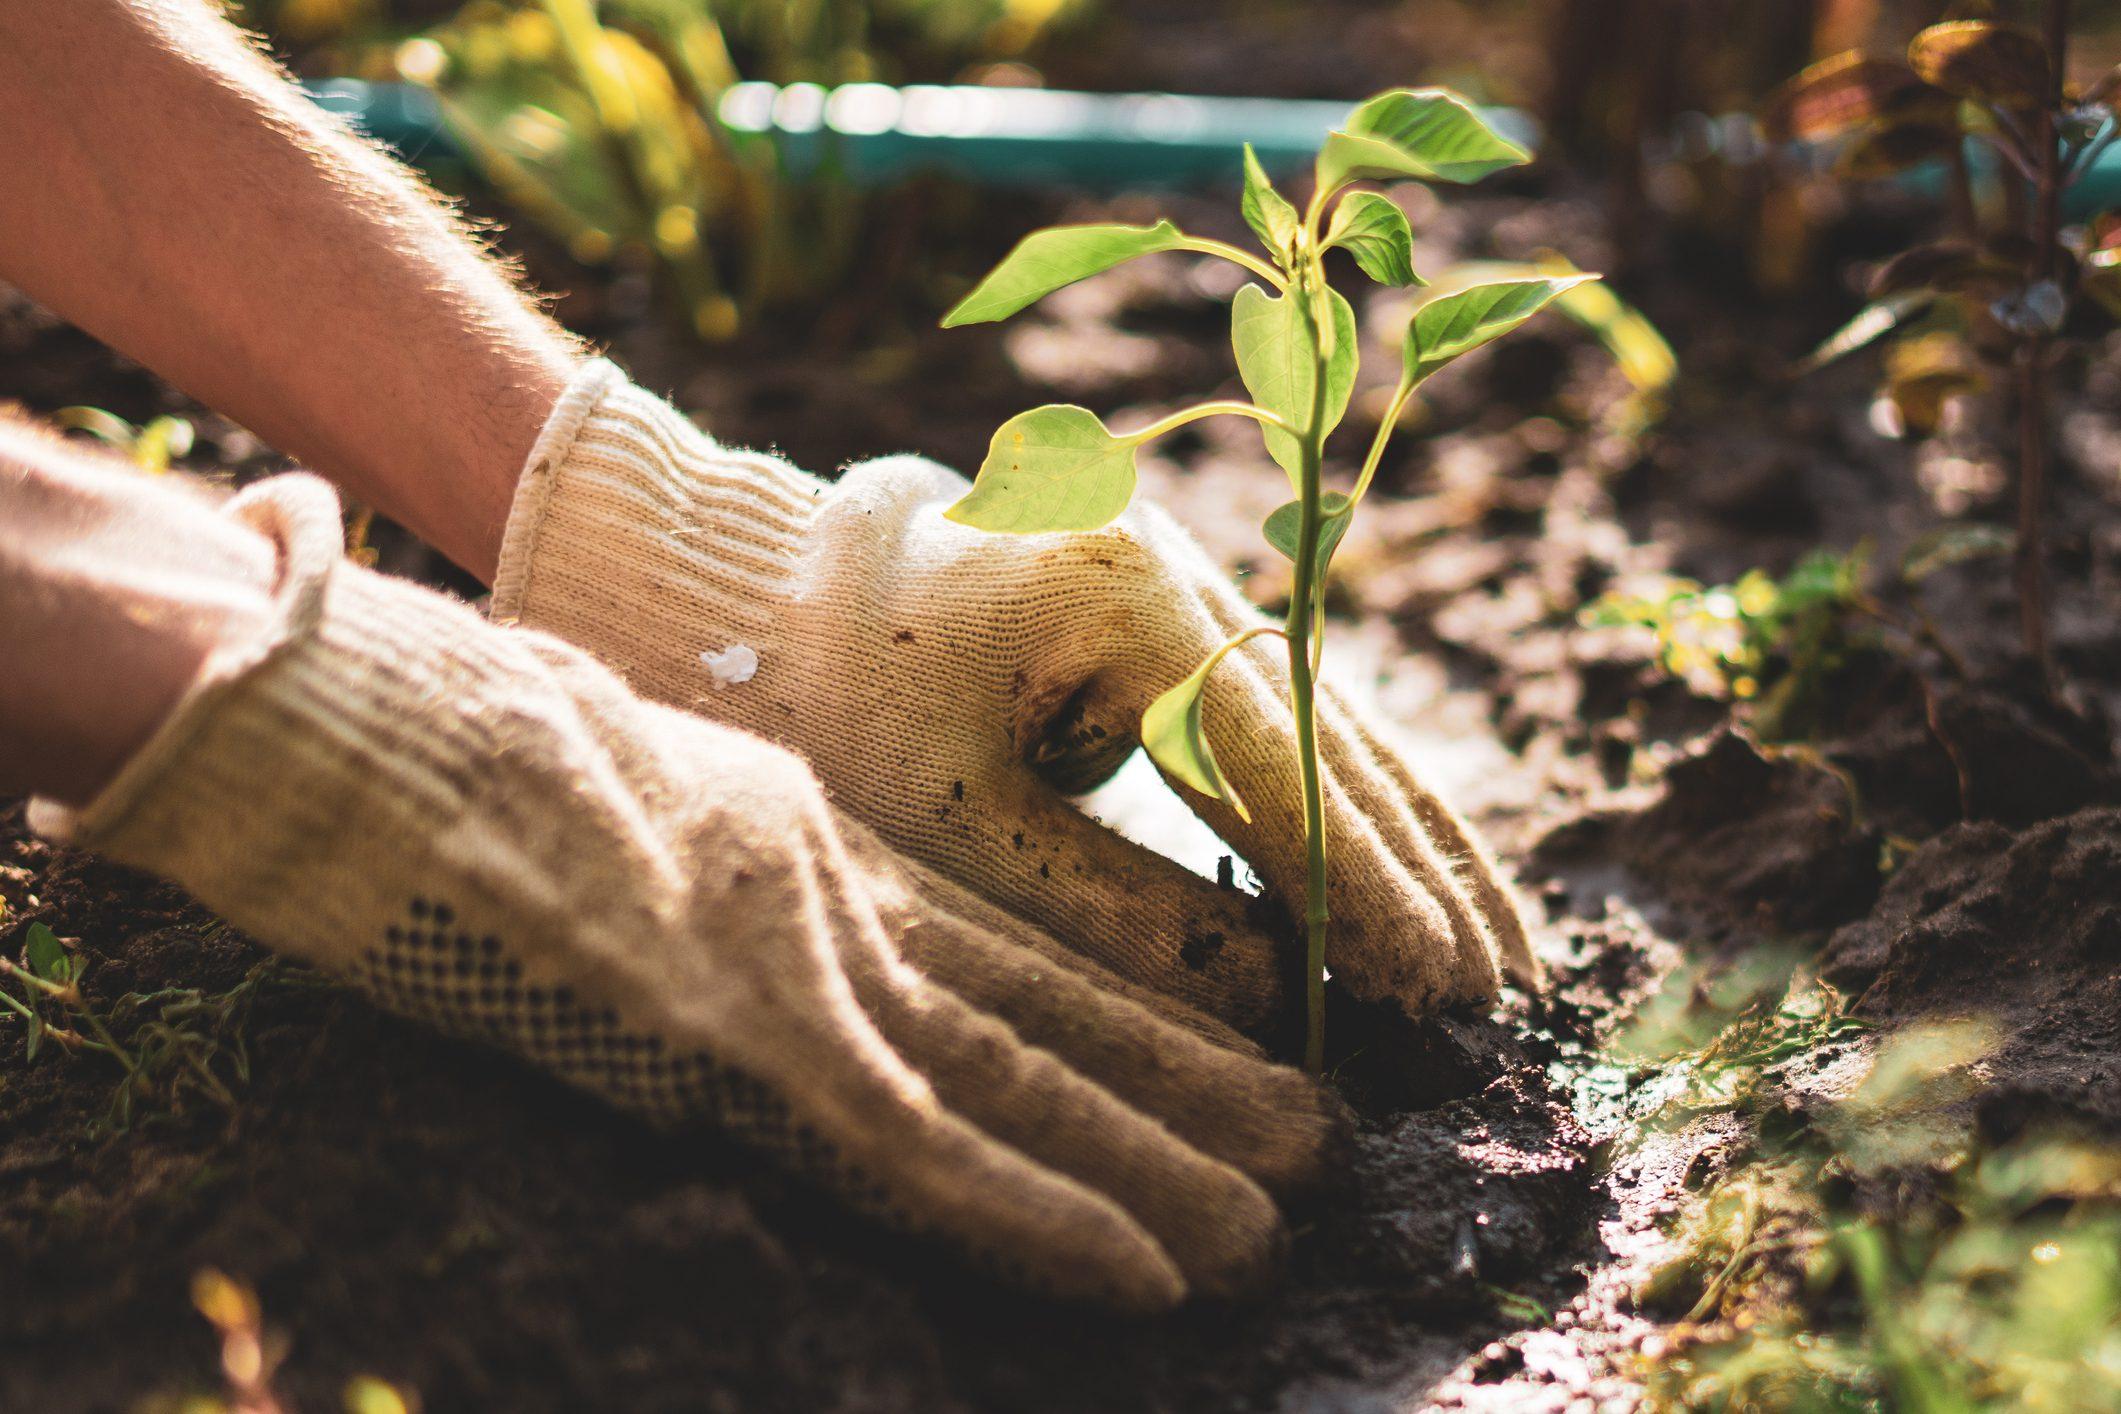 I Menu4Planet e il decalogo sull'agricoltura sostenibile: le direttive del WWF